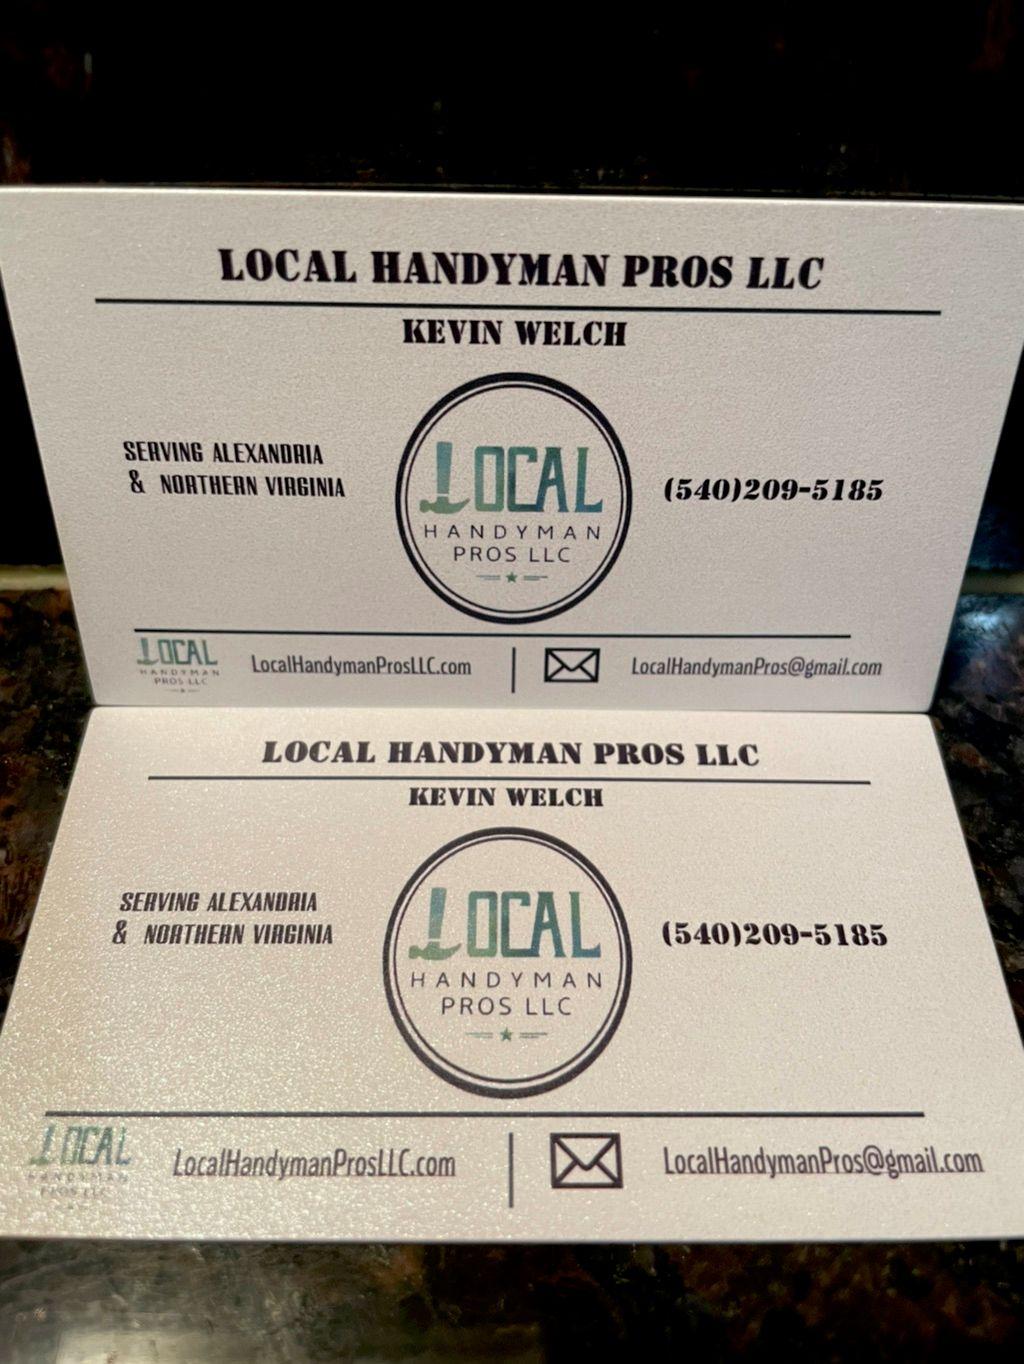 Local Handyman Pros LLC